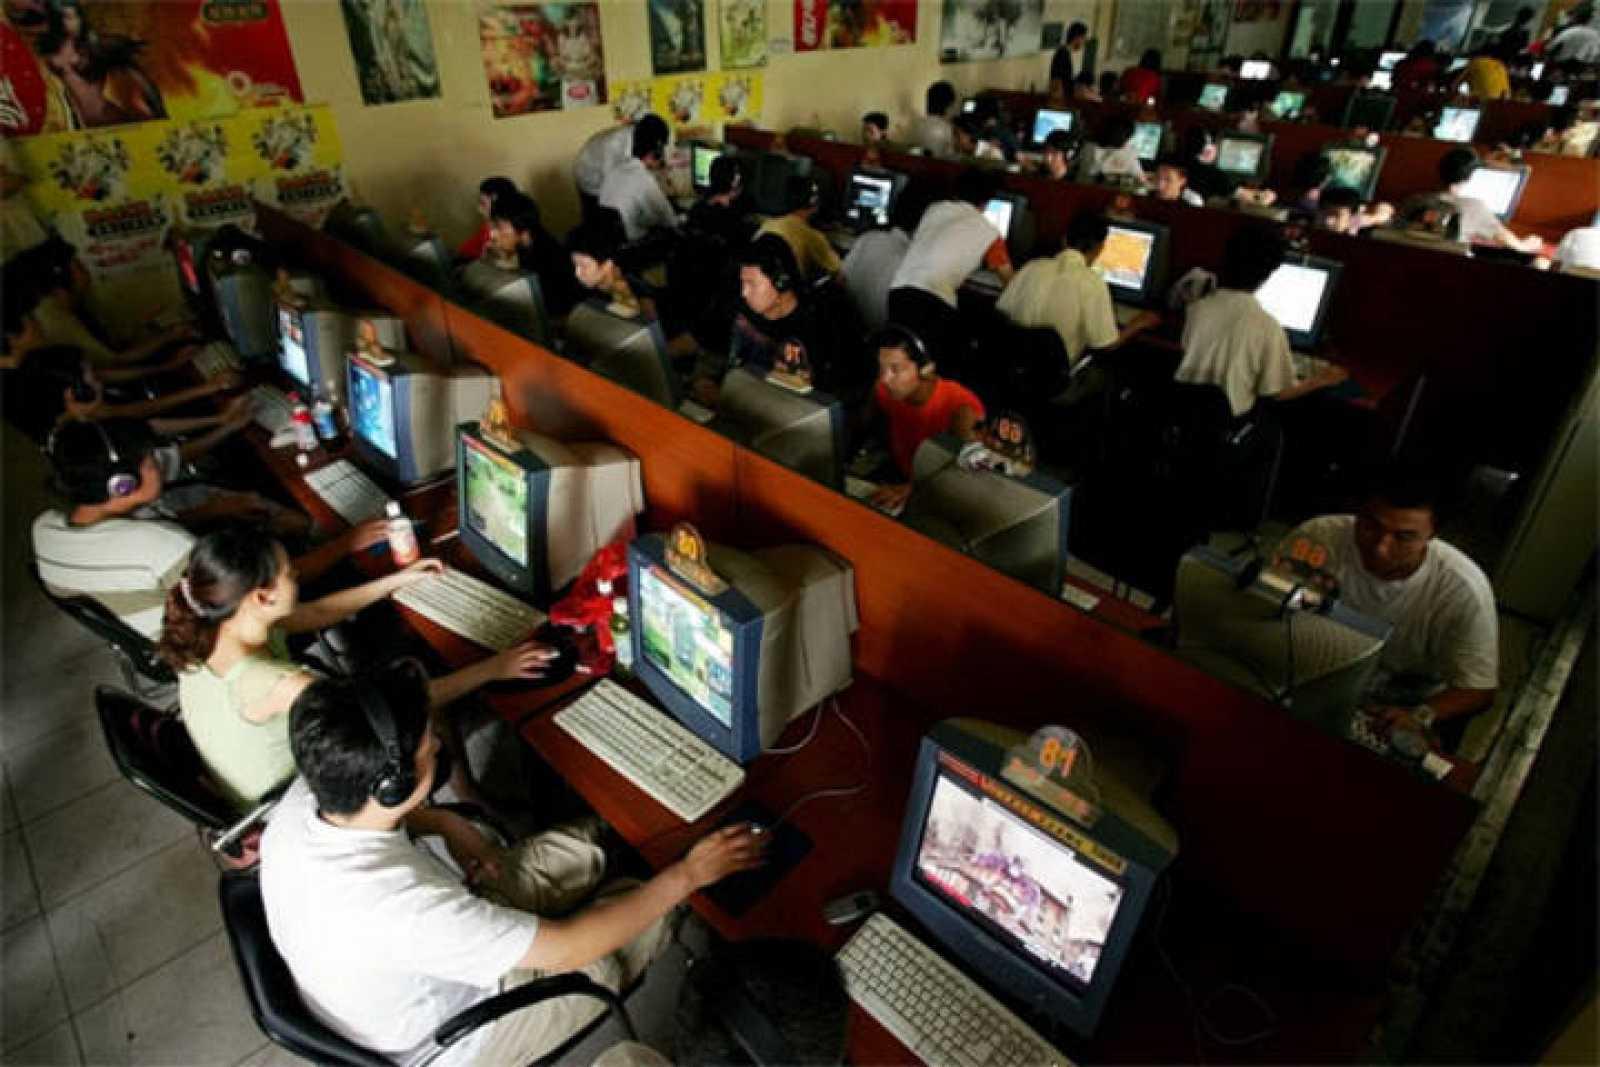 Un cibercafé en China, una forma de acceder muy popular entre los internautas.